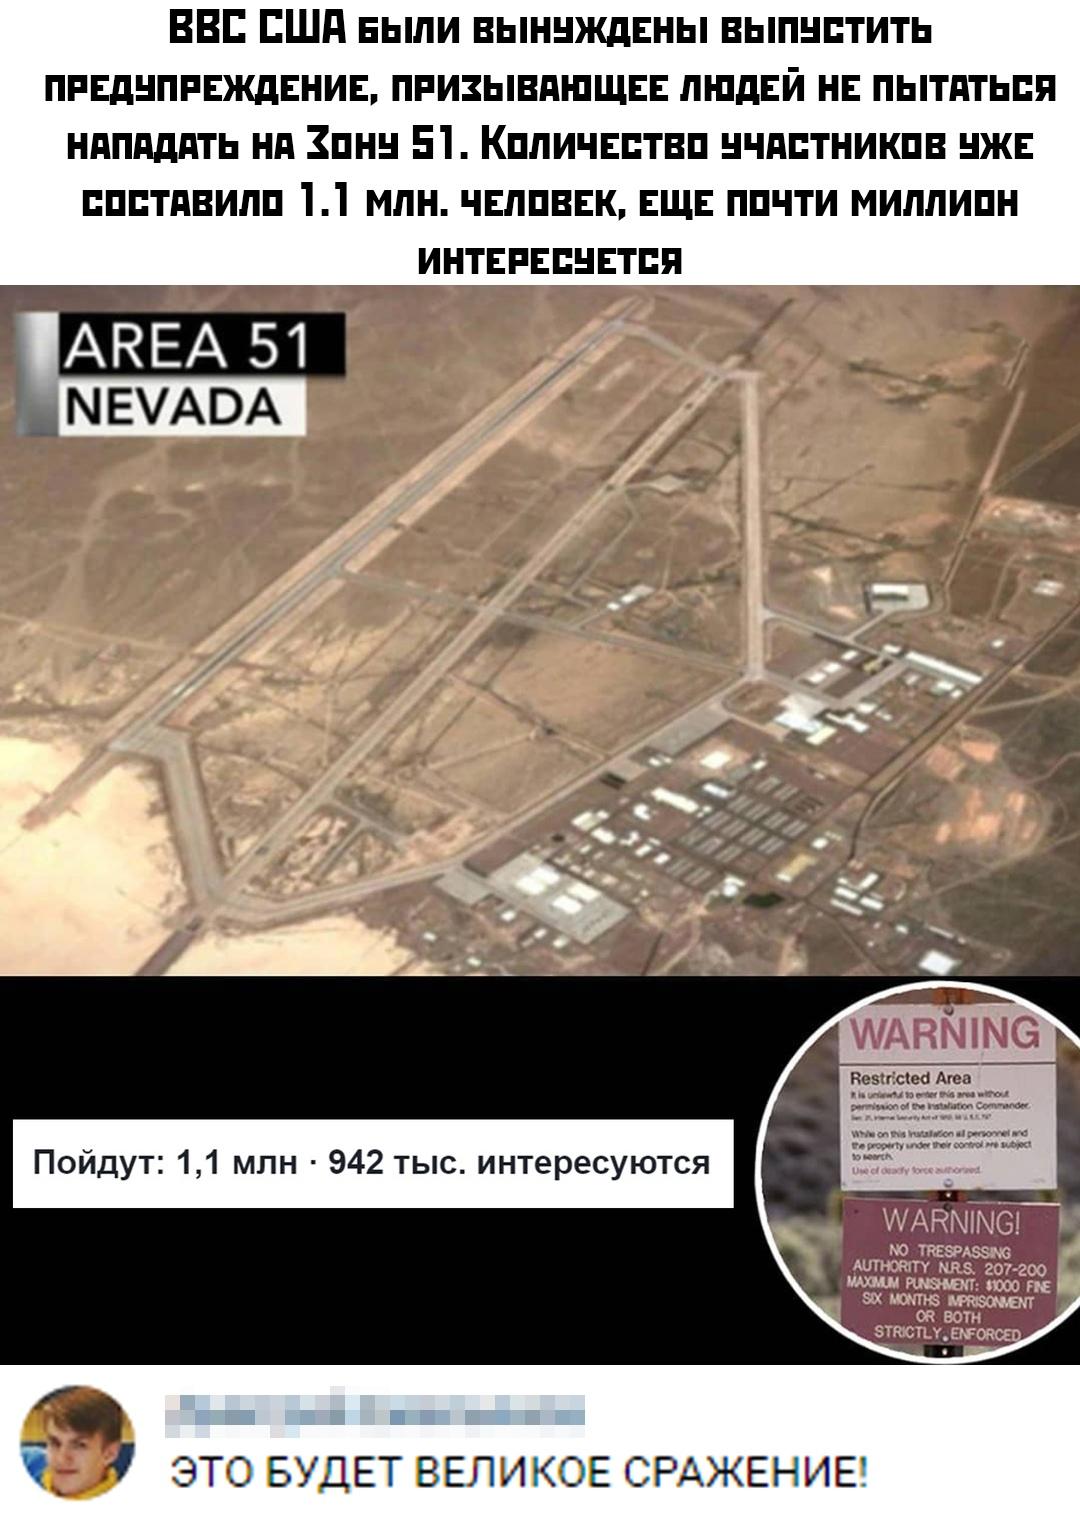 """Почти миллион американцев собираются идти на штурм военной базы """"Зона 51"""" (19 картинок)"""